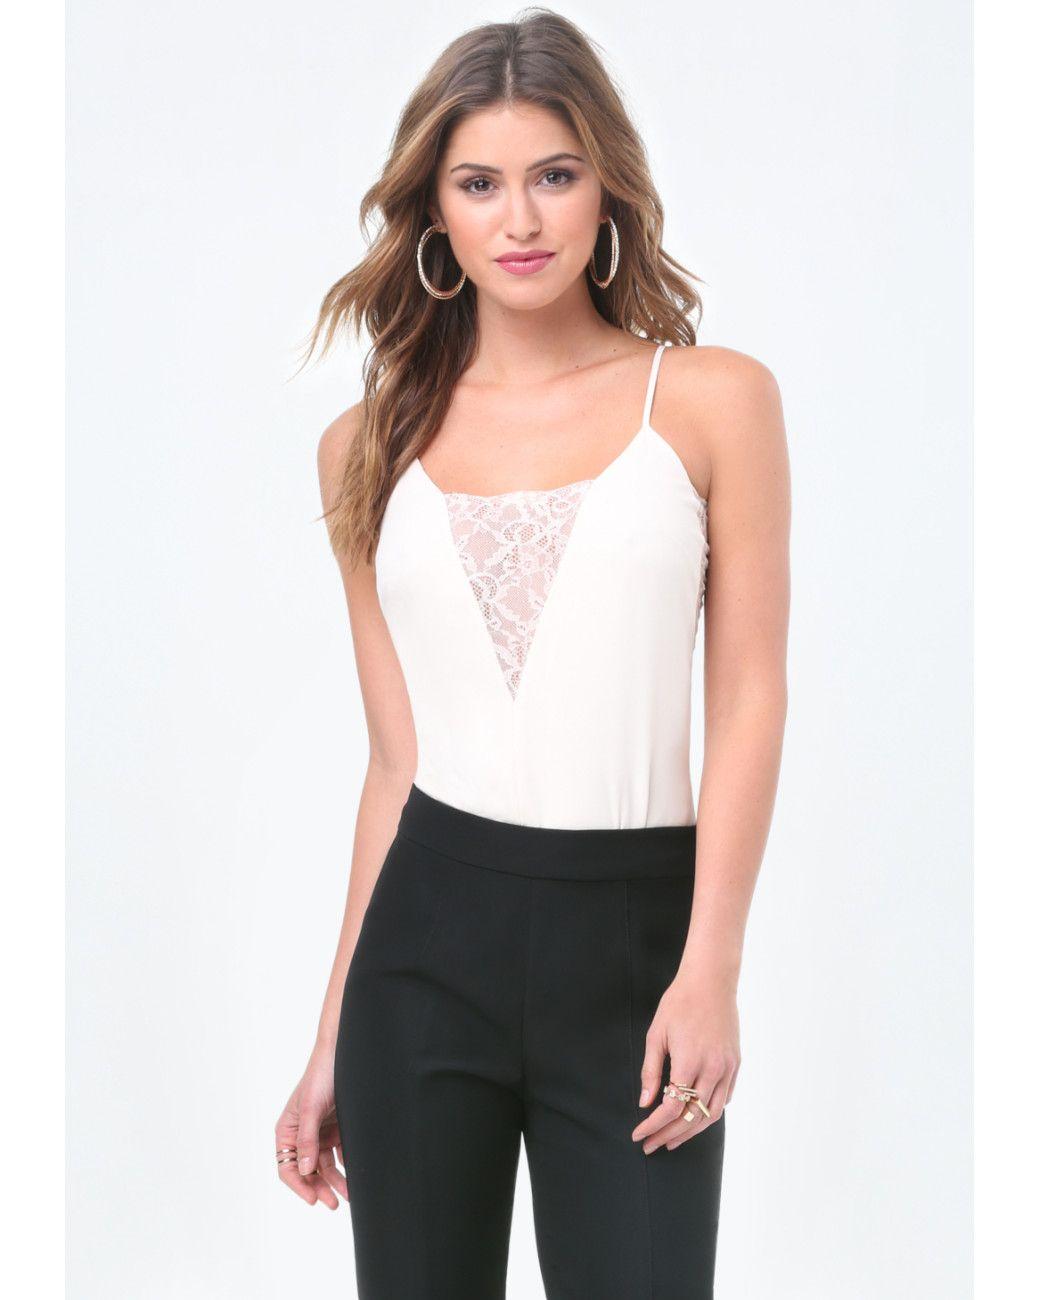 60d6dd01b87 Women s White Lace Inset Plunge Bodysuit